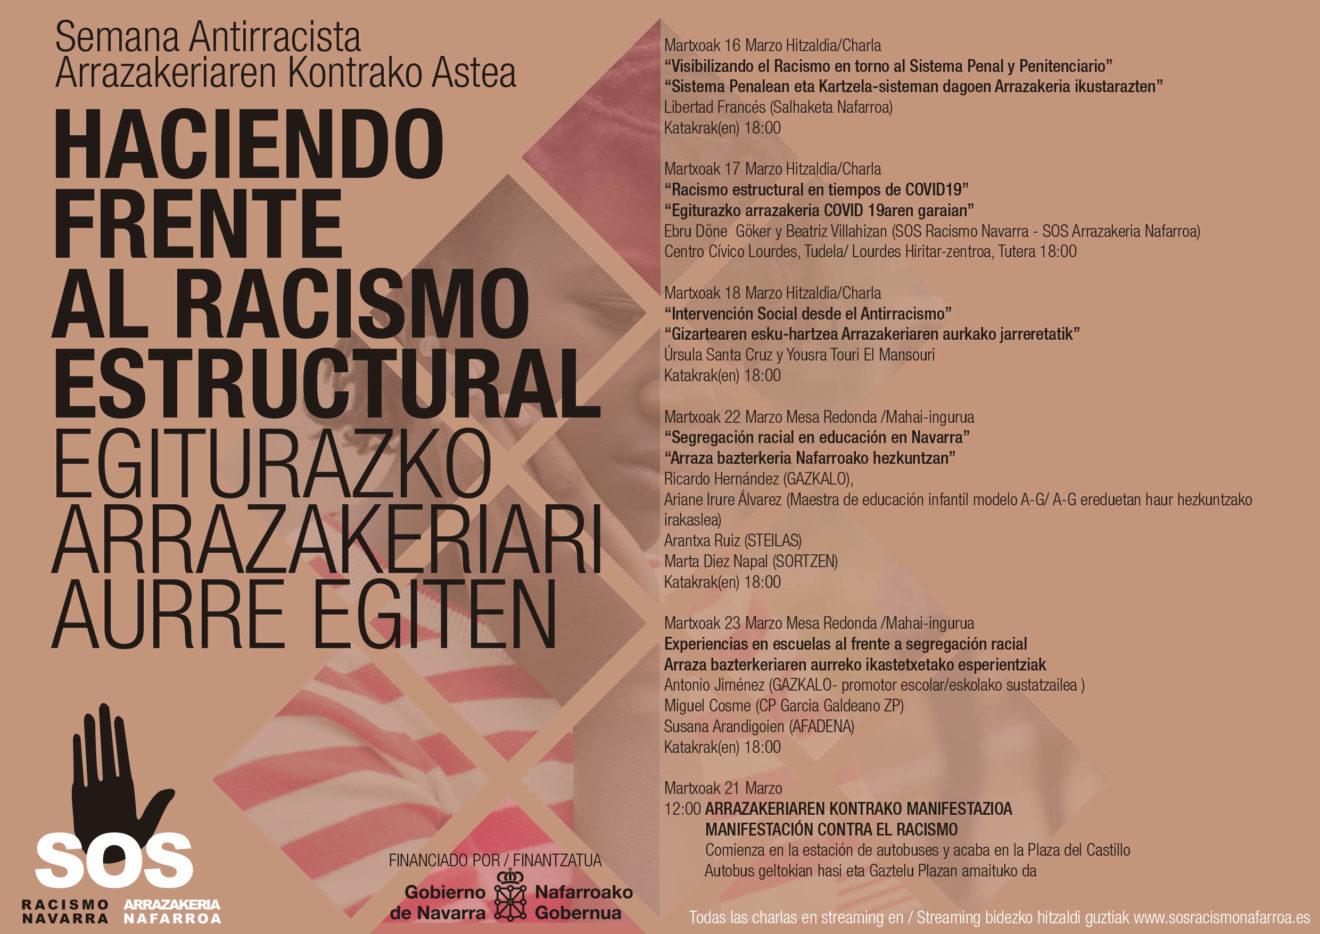 Semana Antirracista: Haciendo frente al Racismo Estructural